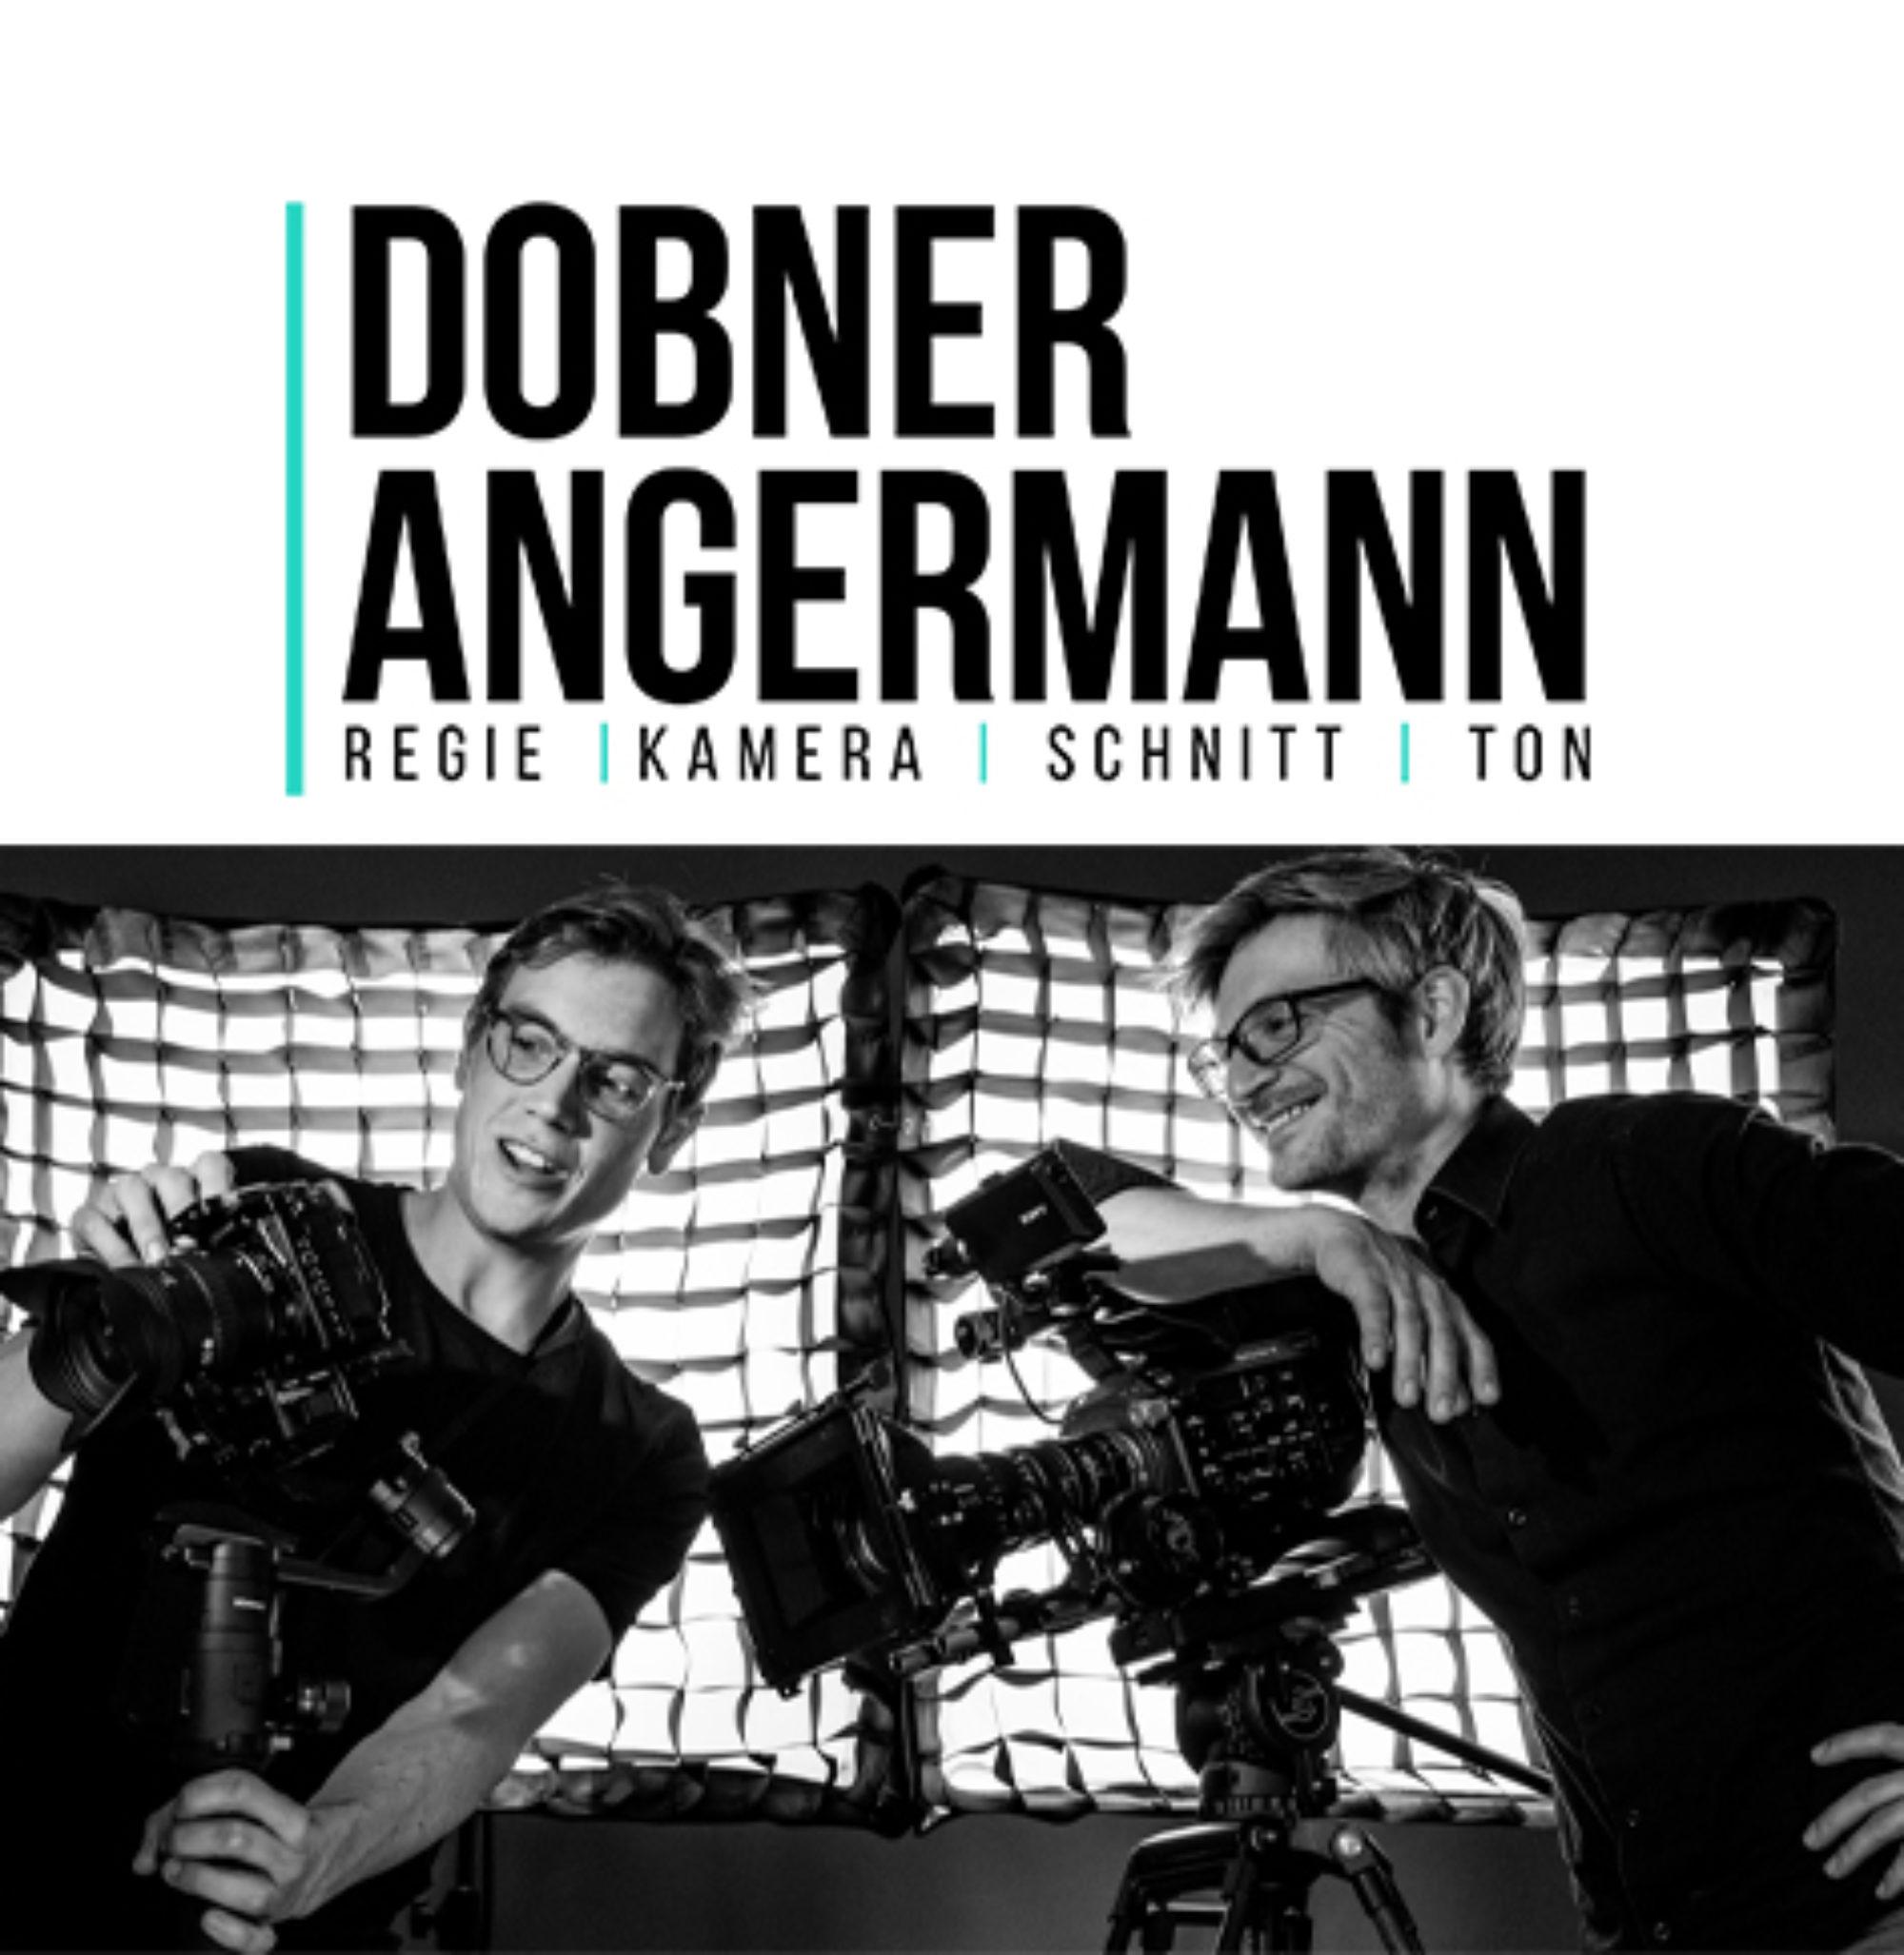 Dobner & Angermann Film